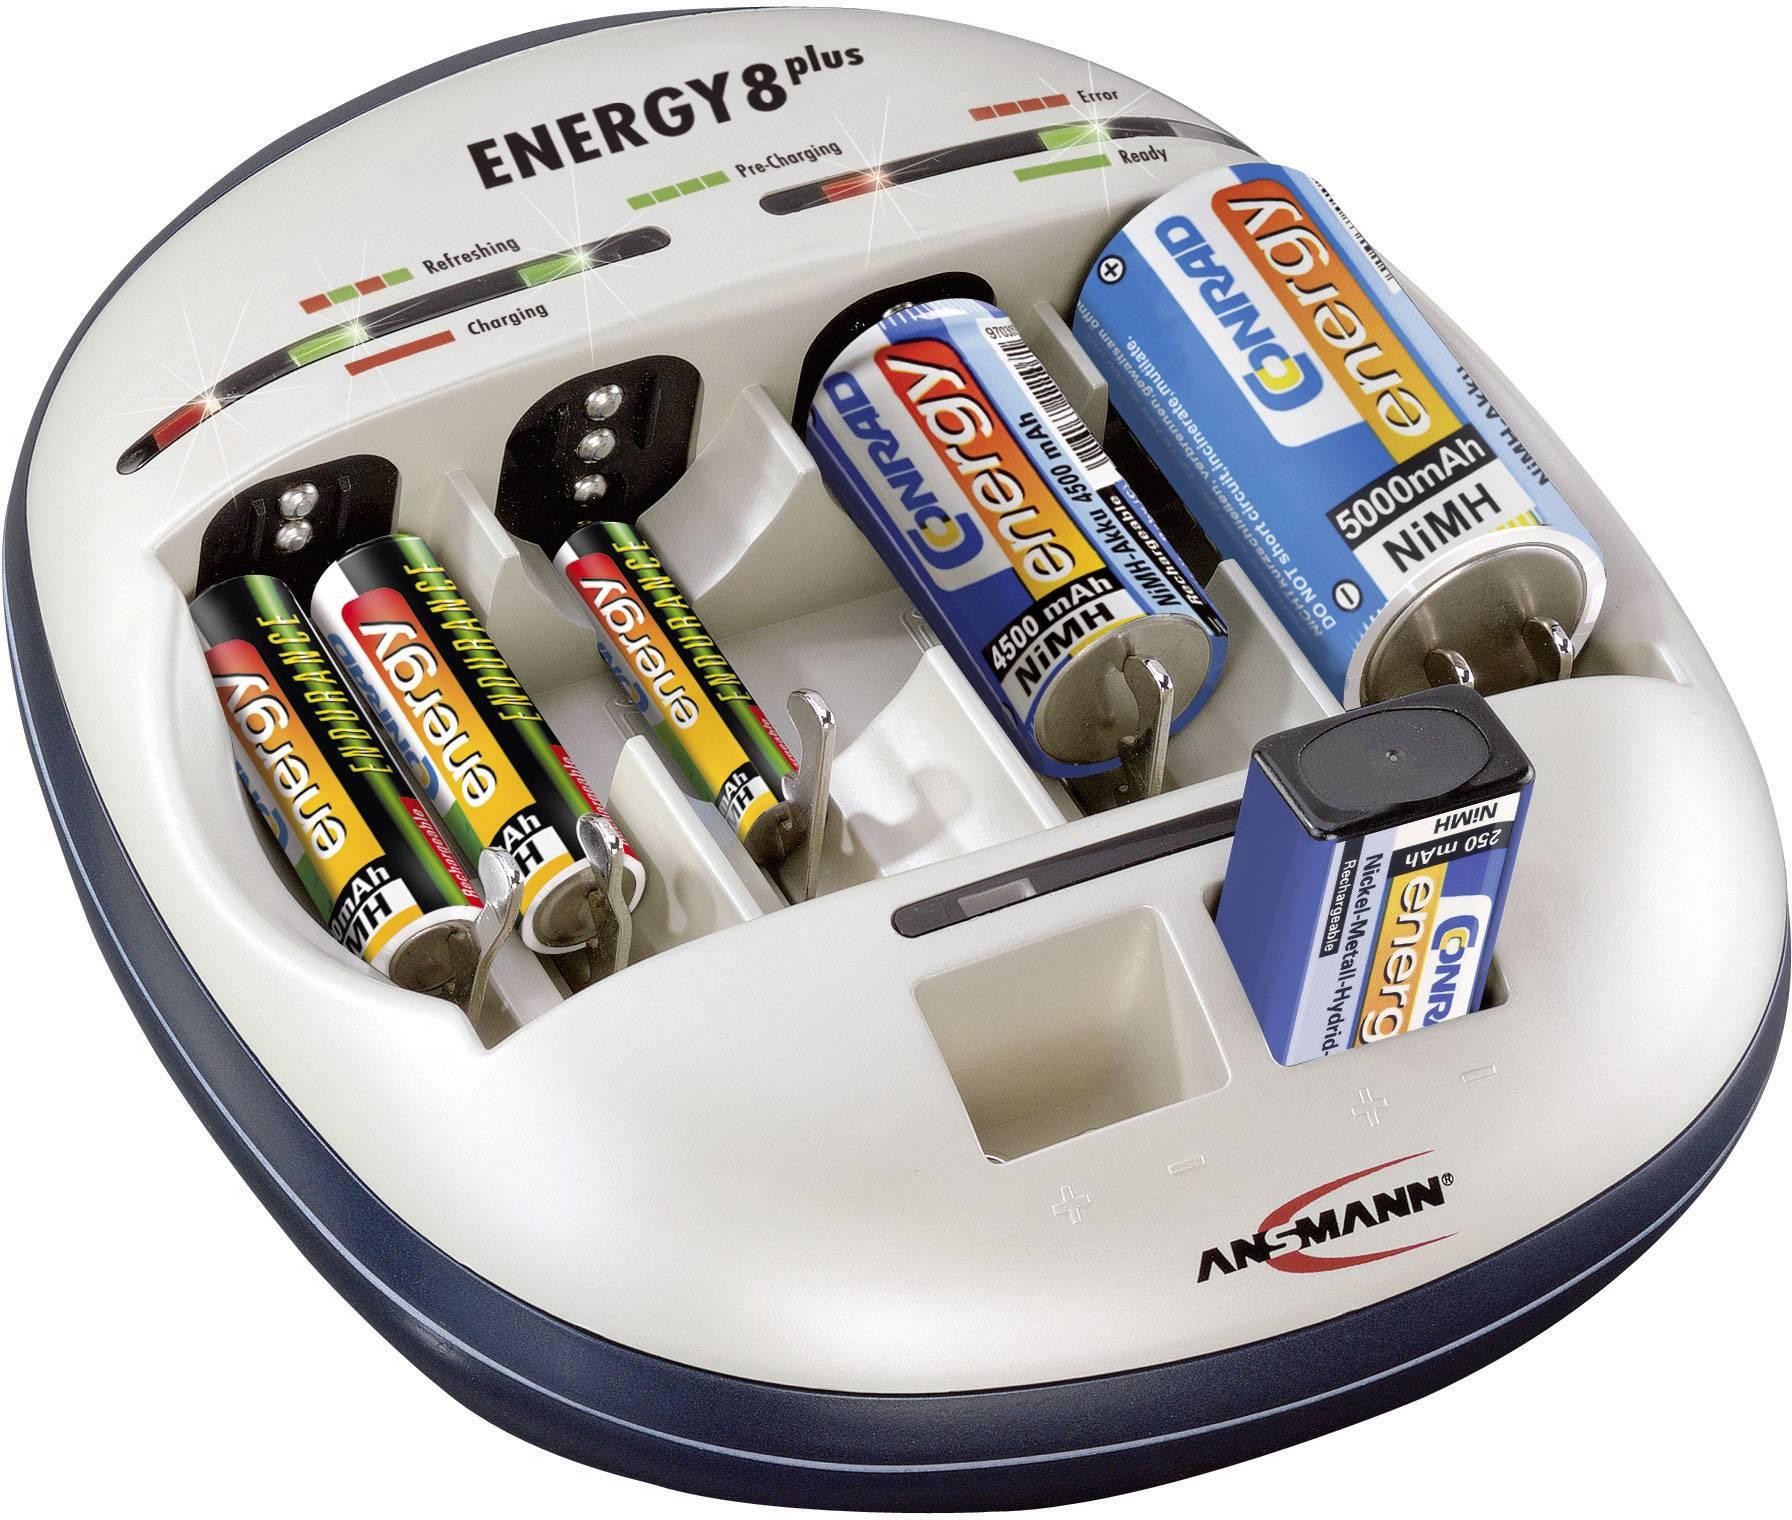 9 V nabíjačka Ansamnn Energy 8 plus